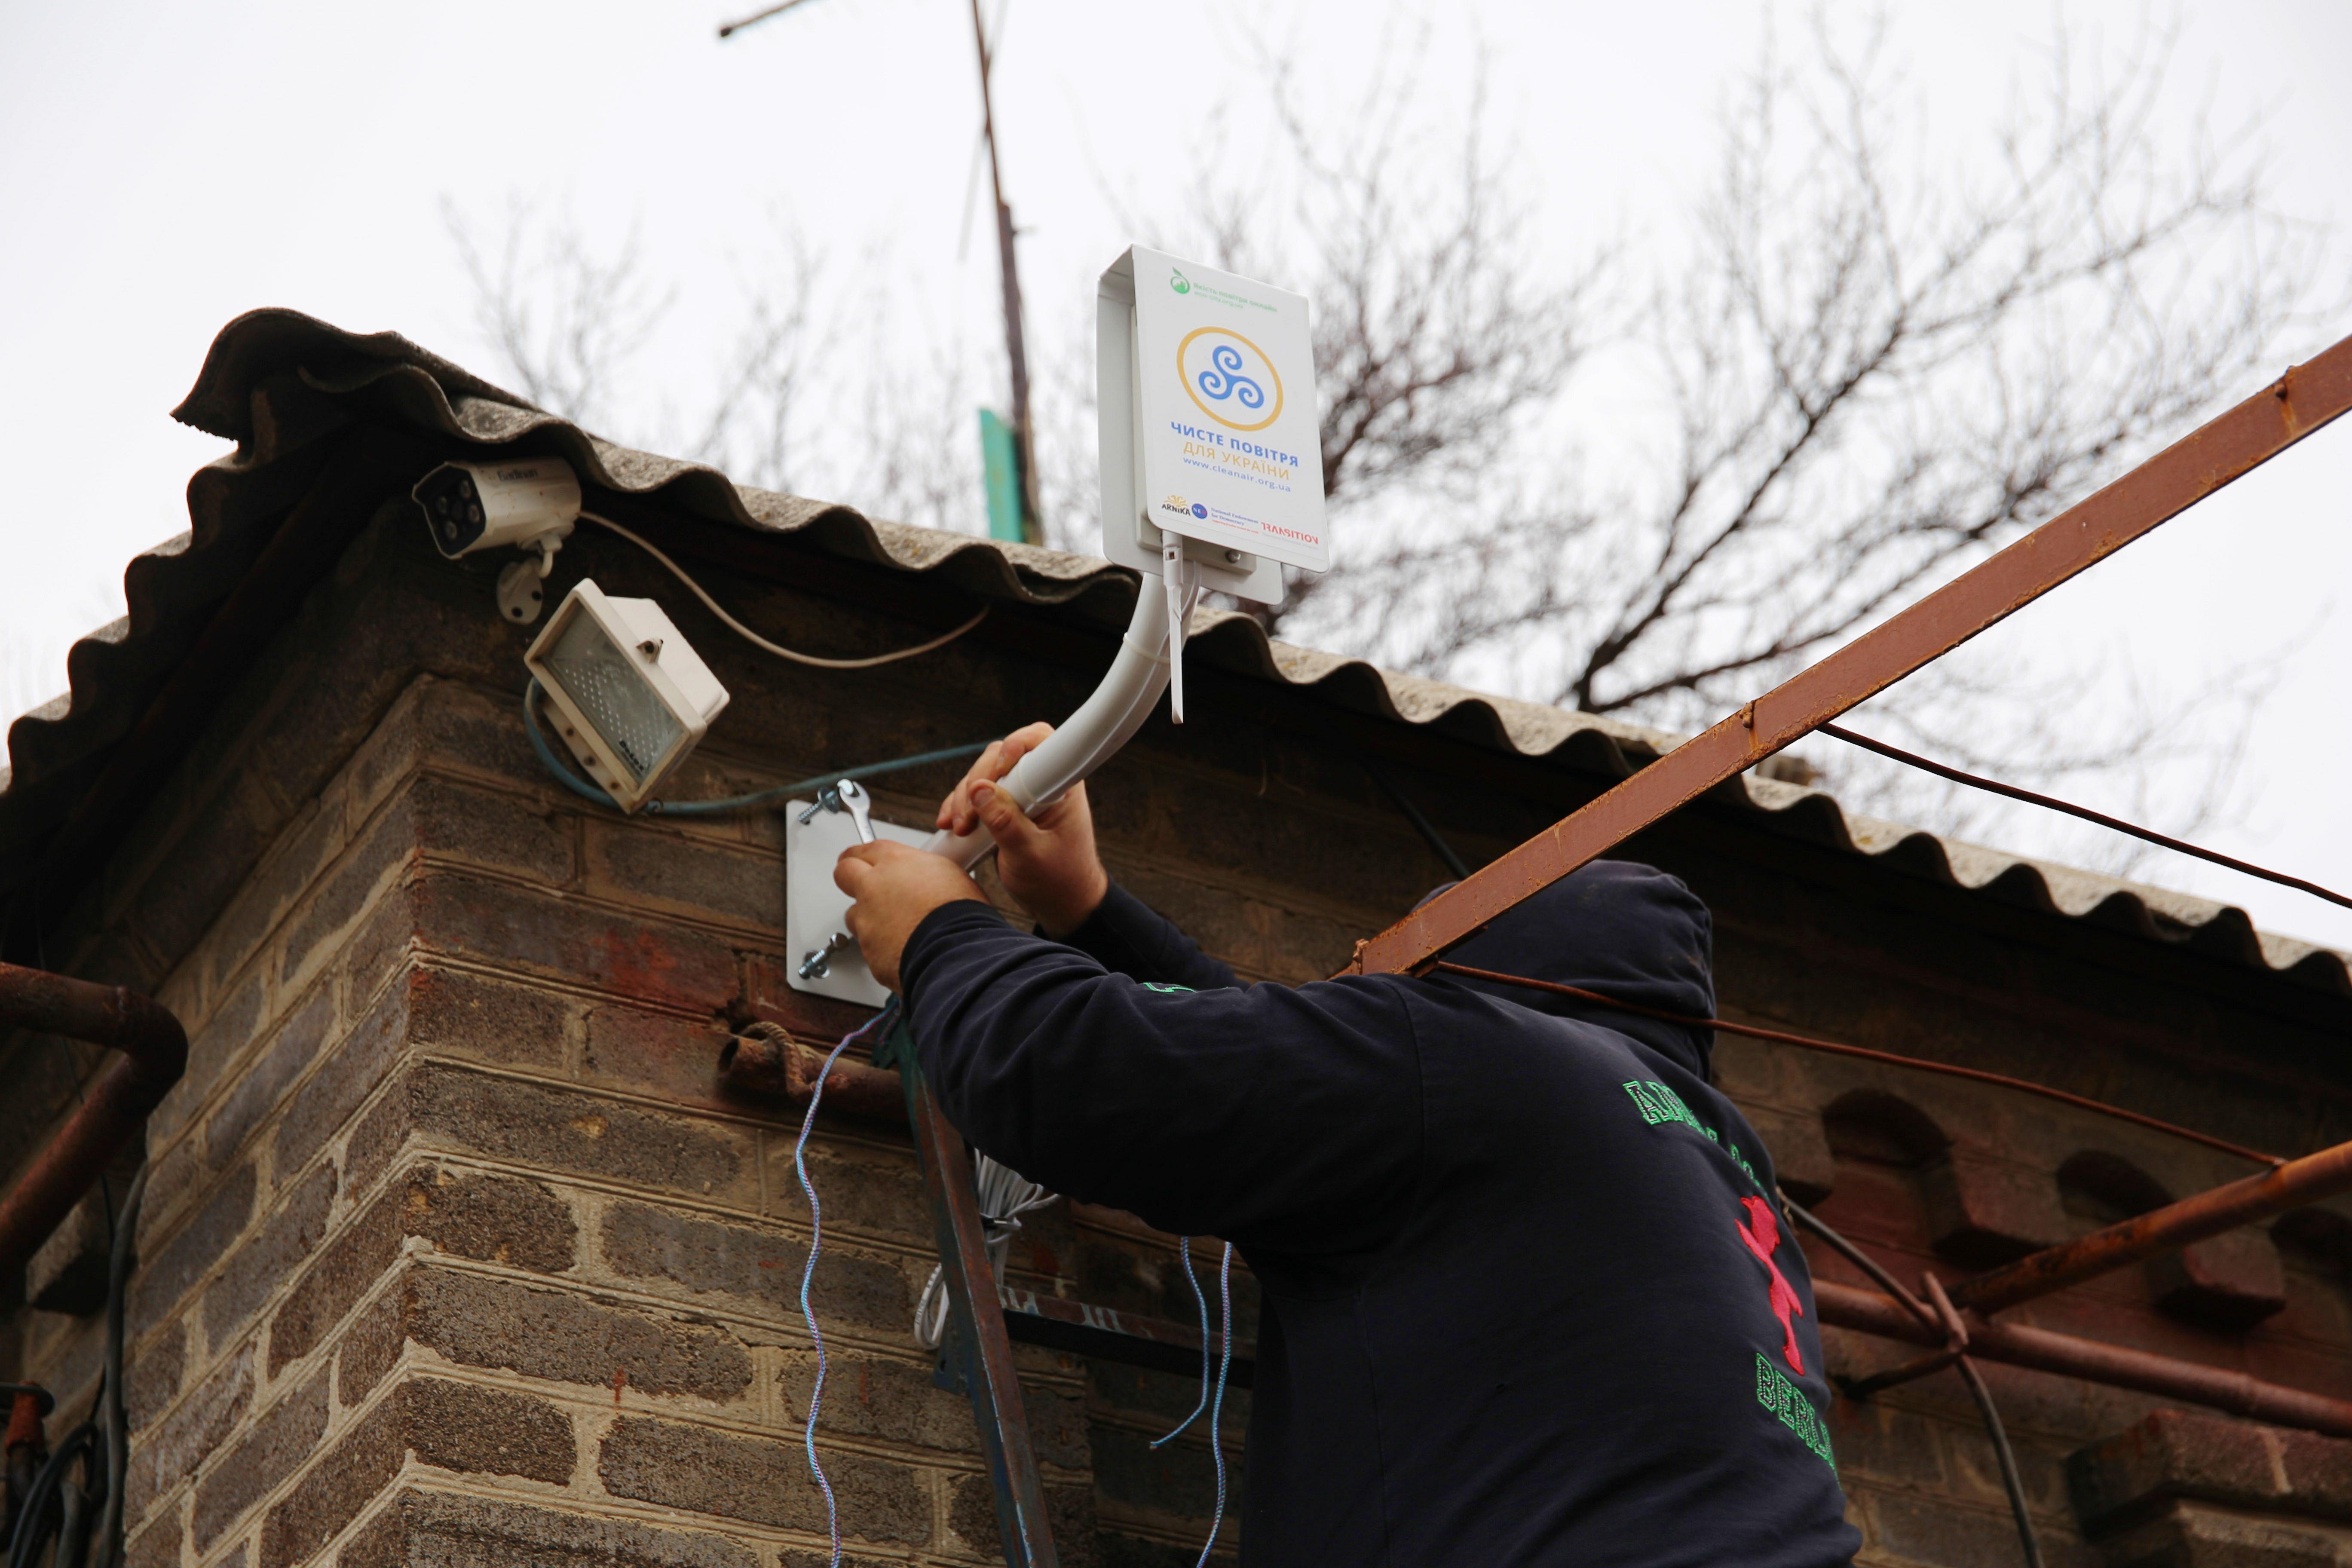 «Чистый воздух для Украины»: 25 станций общественного мониторинга Oxygen открыли доступ к эко-данным в промышленных городах